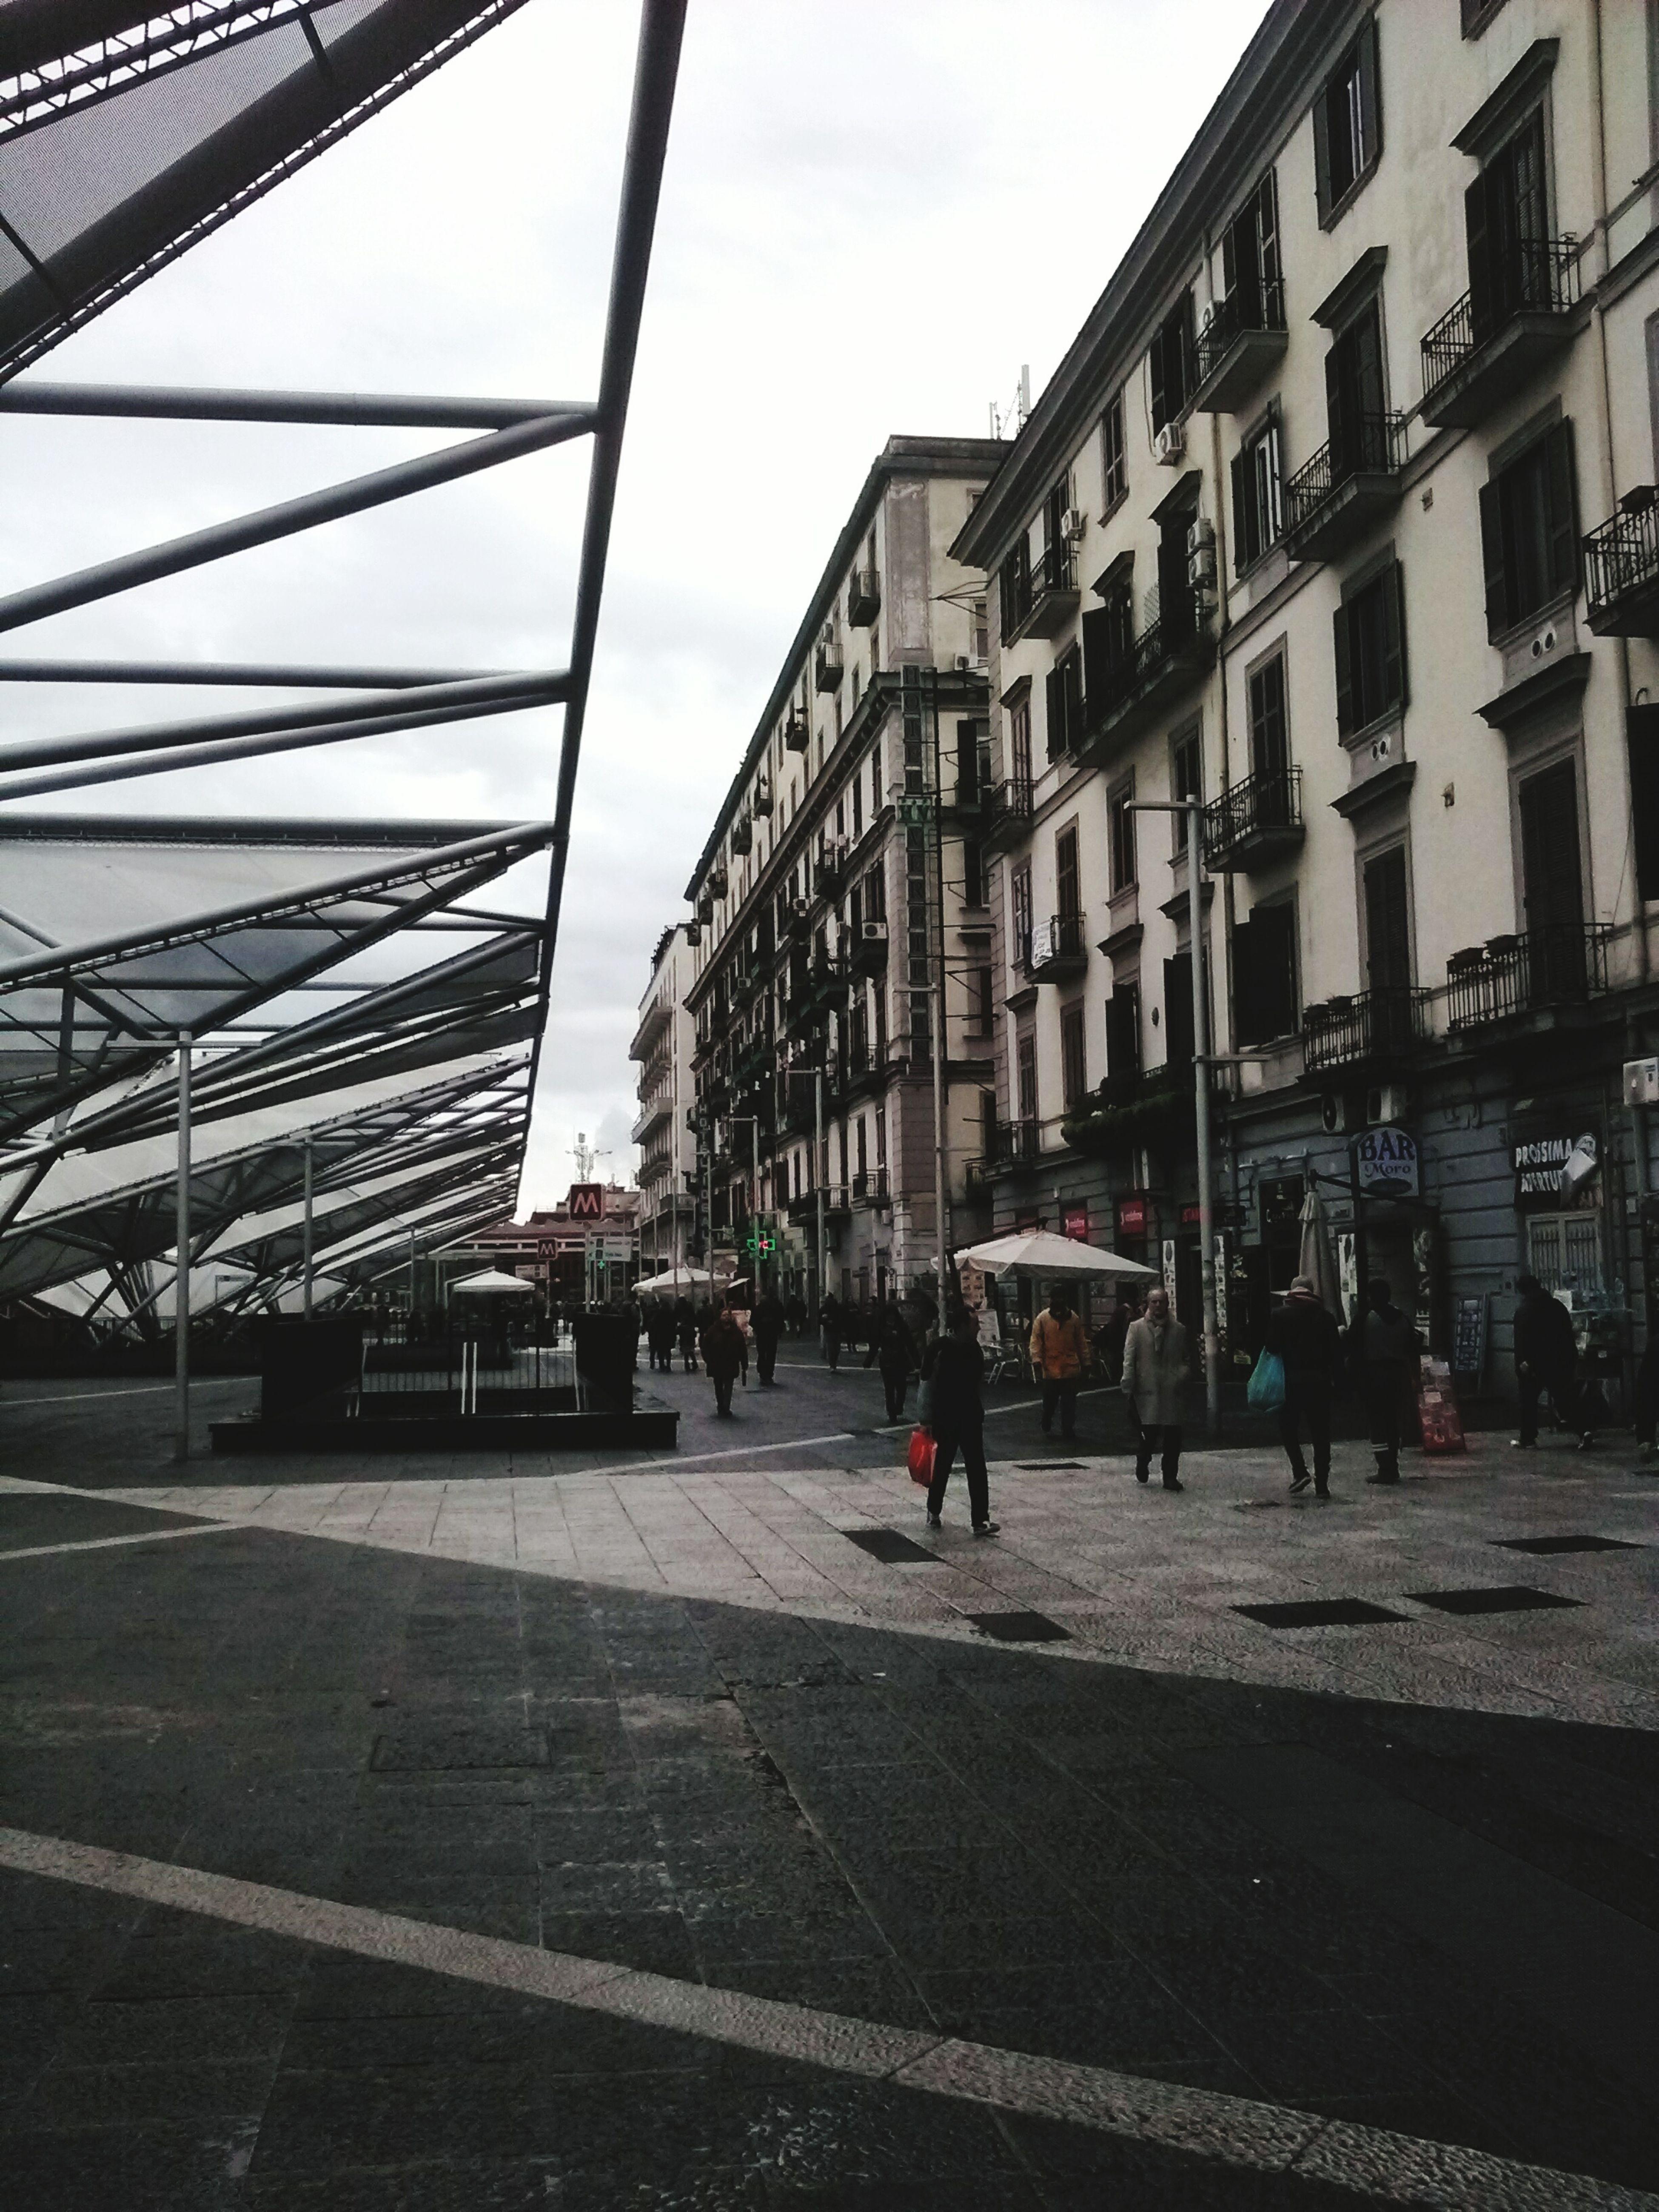 Napoli Piazza Garibaldi